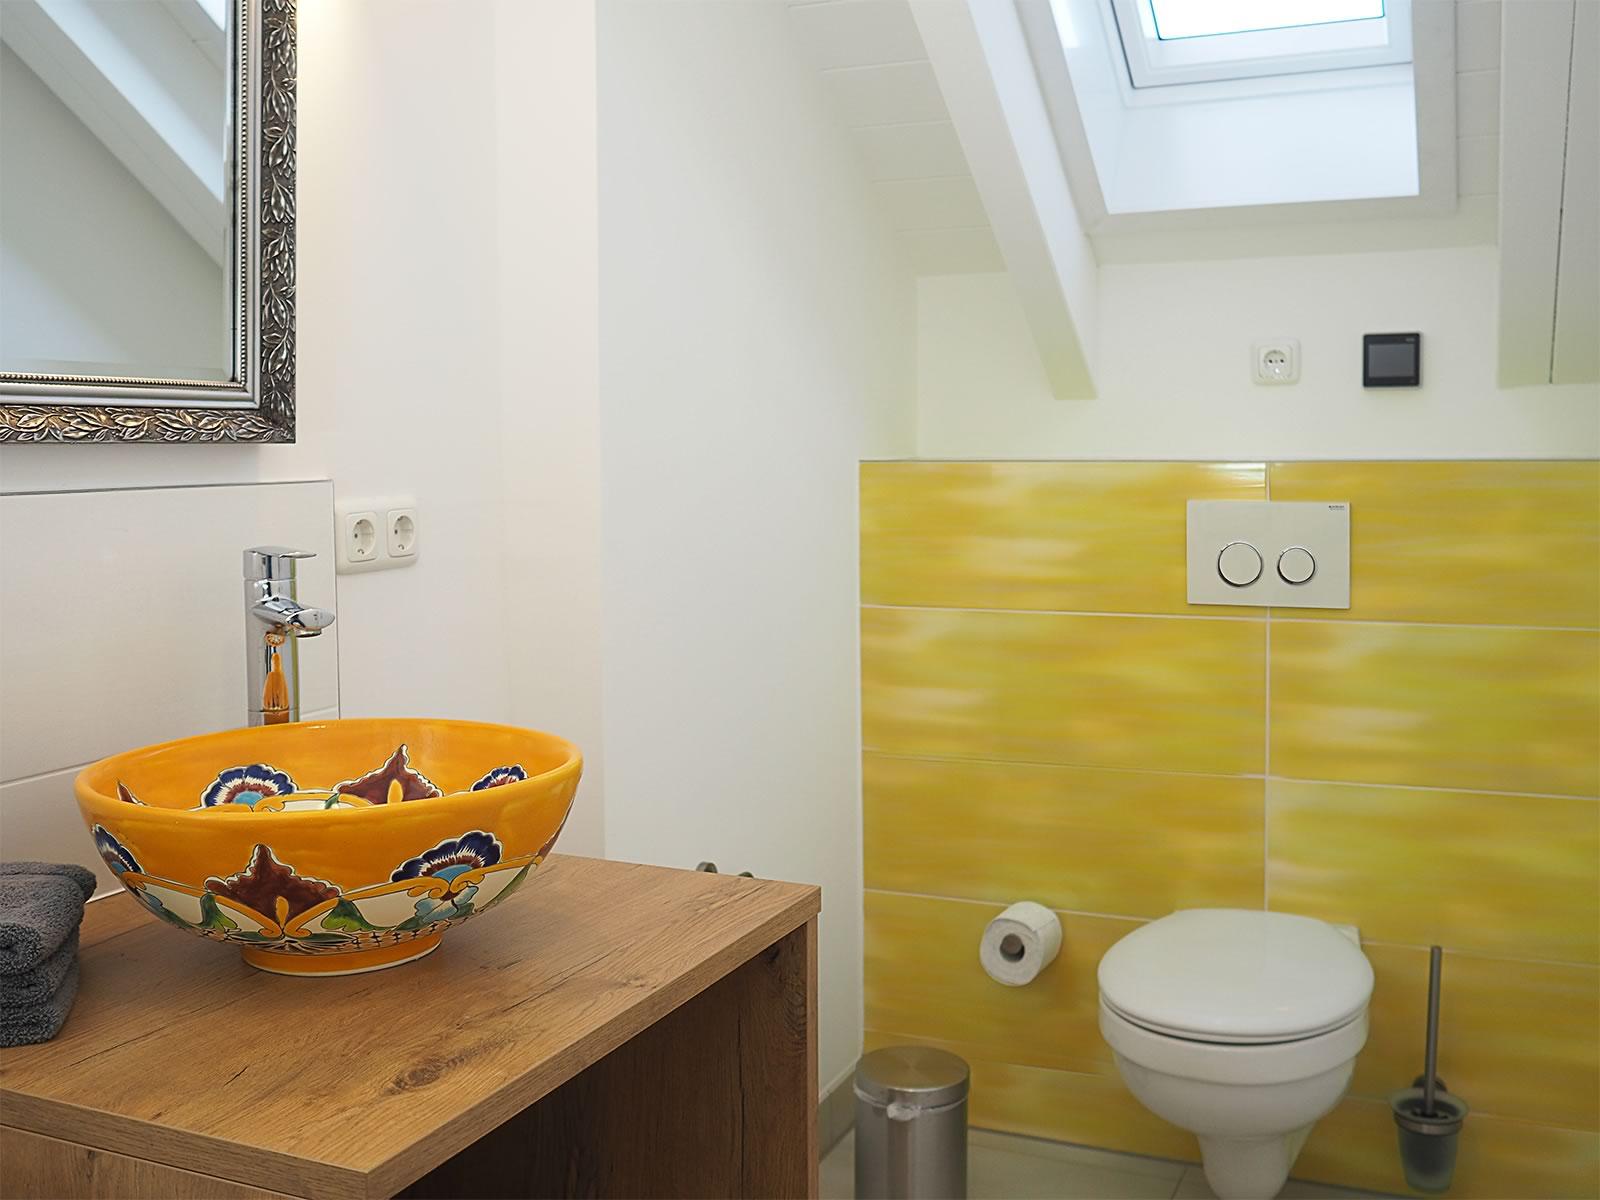 zwei duschen eine badewanne und ein g ste wc wiesenart. Black Bedroom Furniture Sets. Home Design Ideas